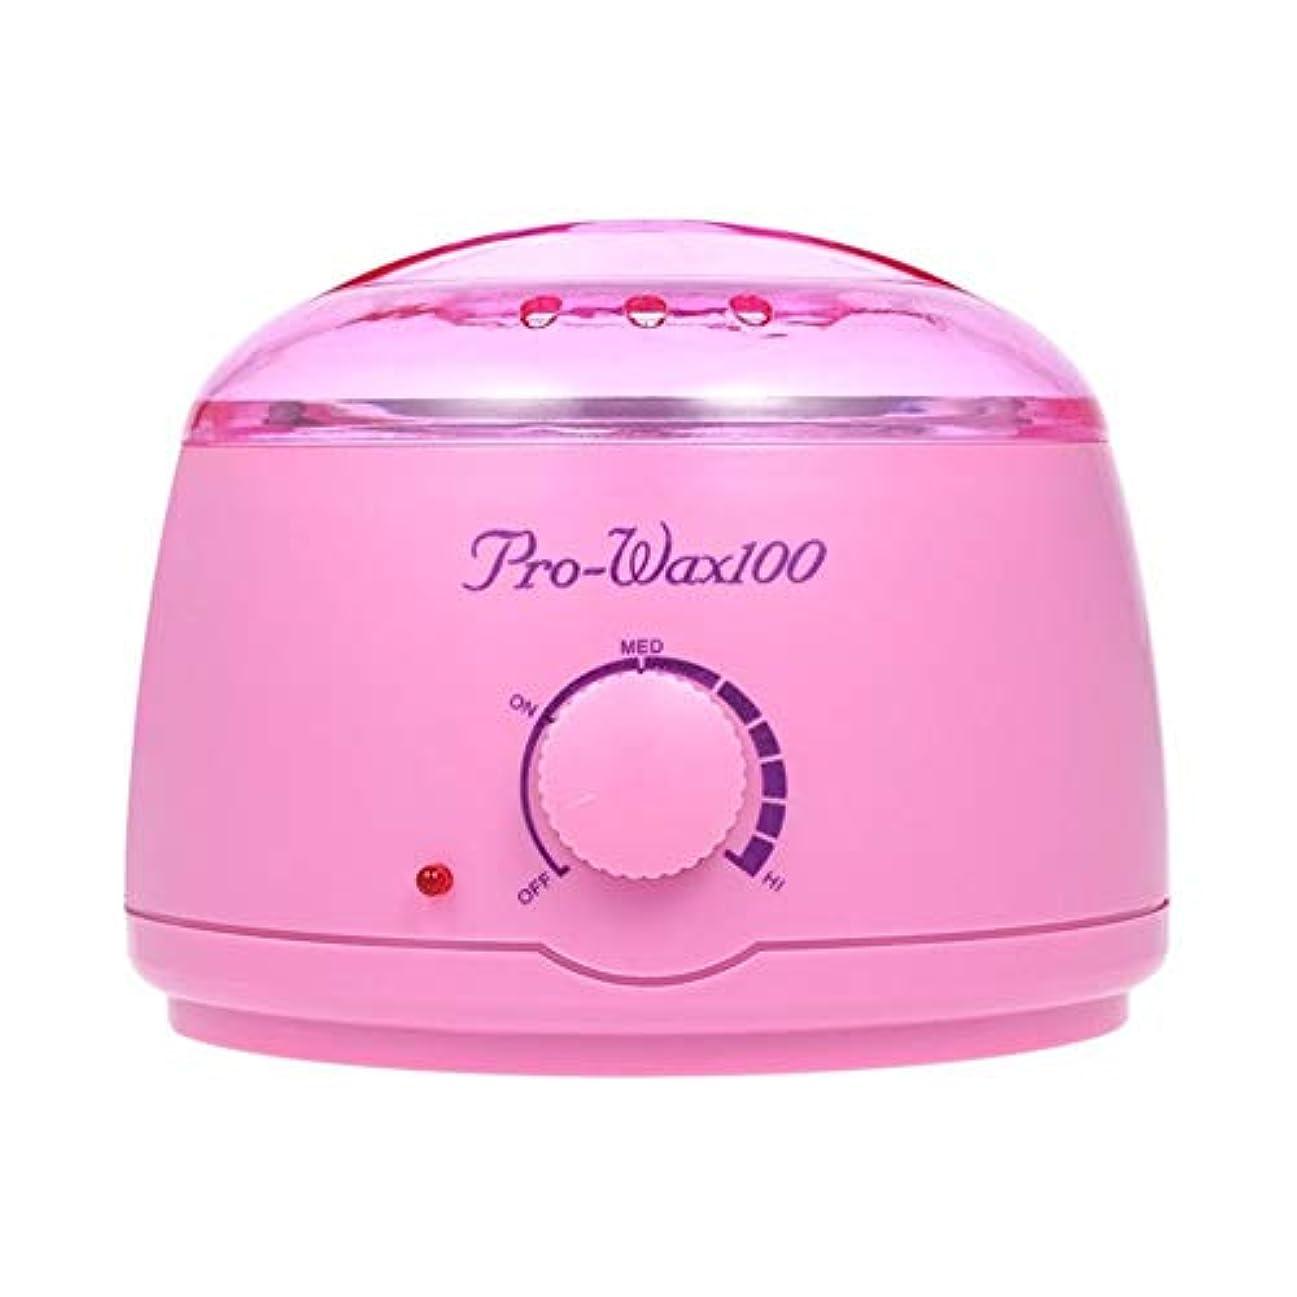 ロイヤリティ不適当オークランド脱毛、インテリジェントな温度制御のためのワックスヒータープロワックス100,ピンク